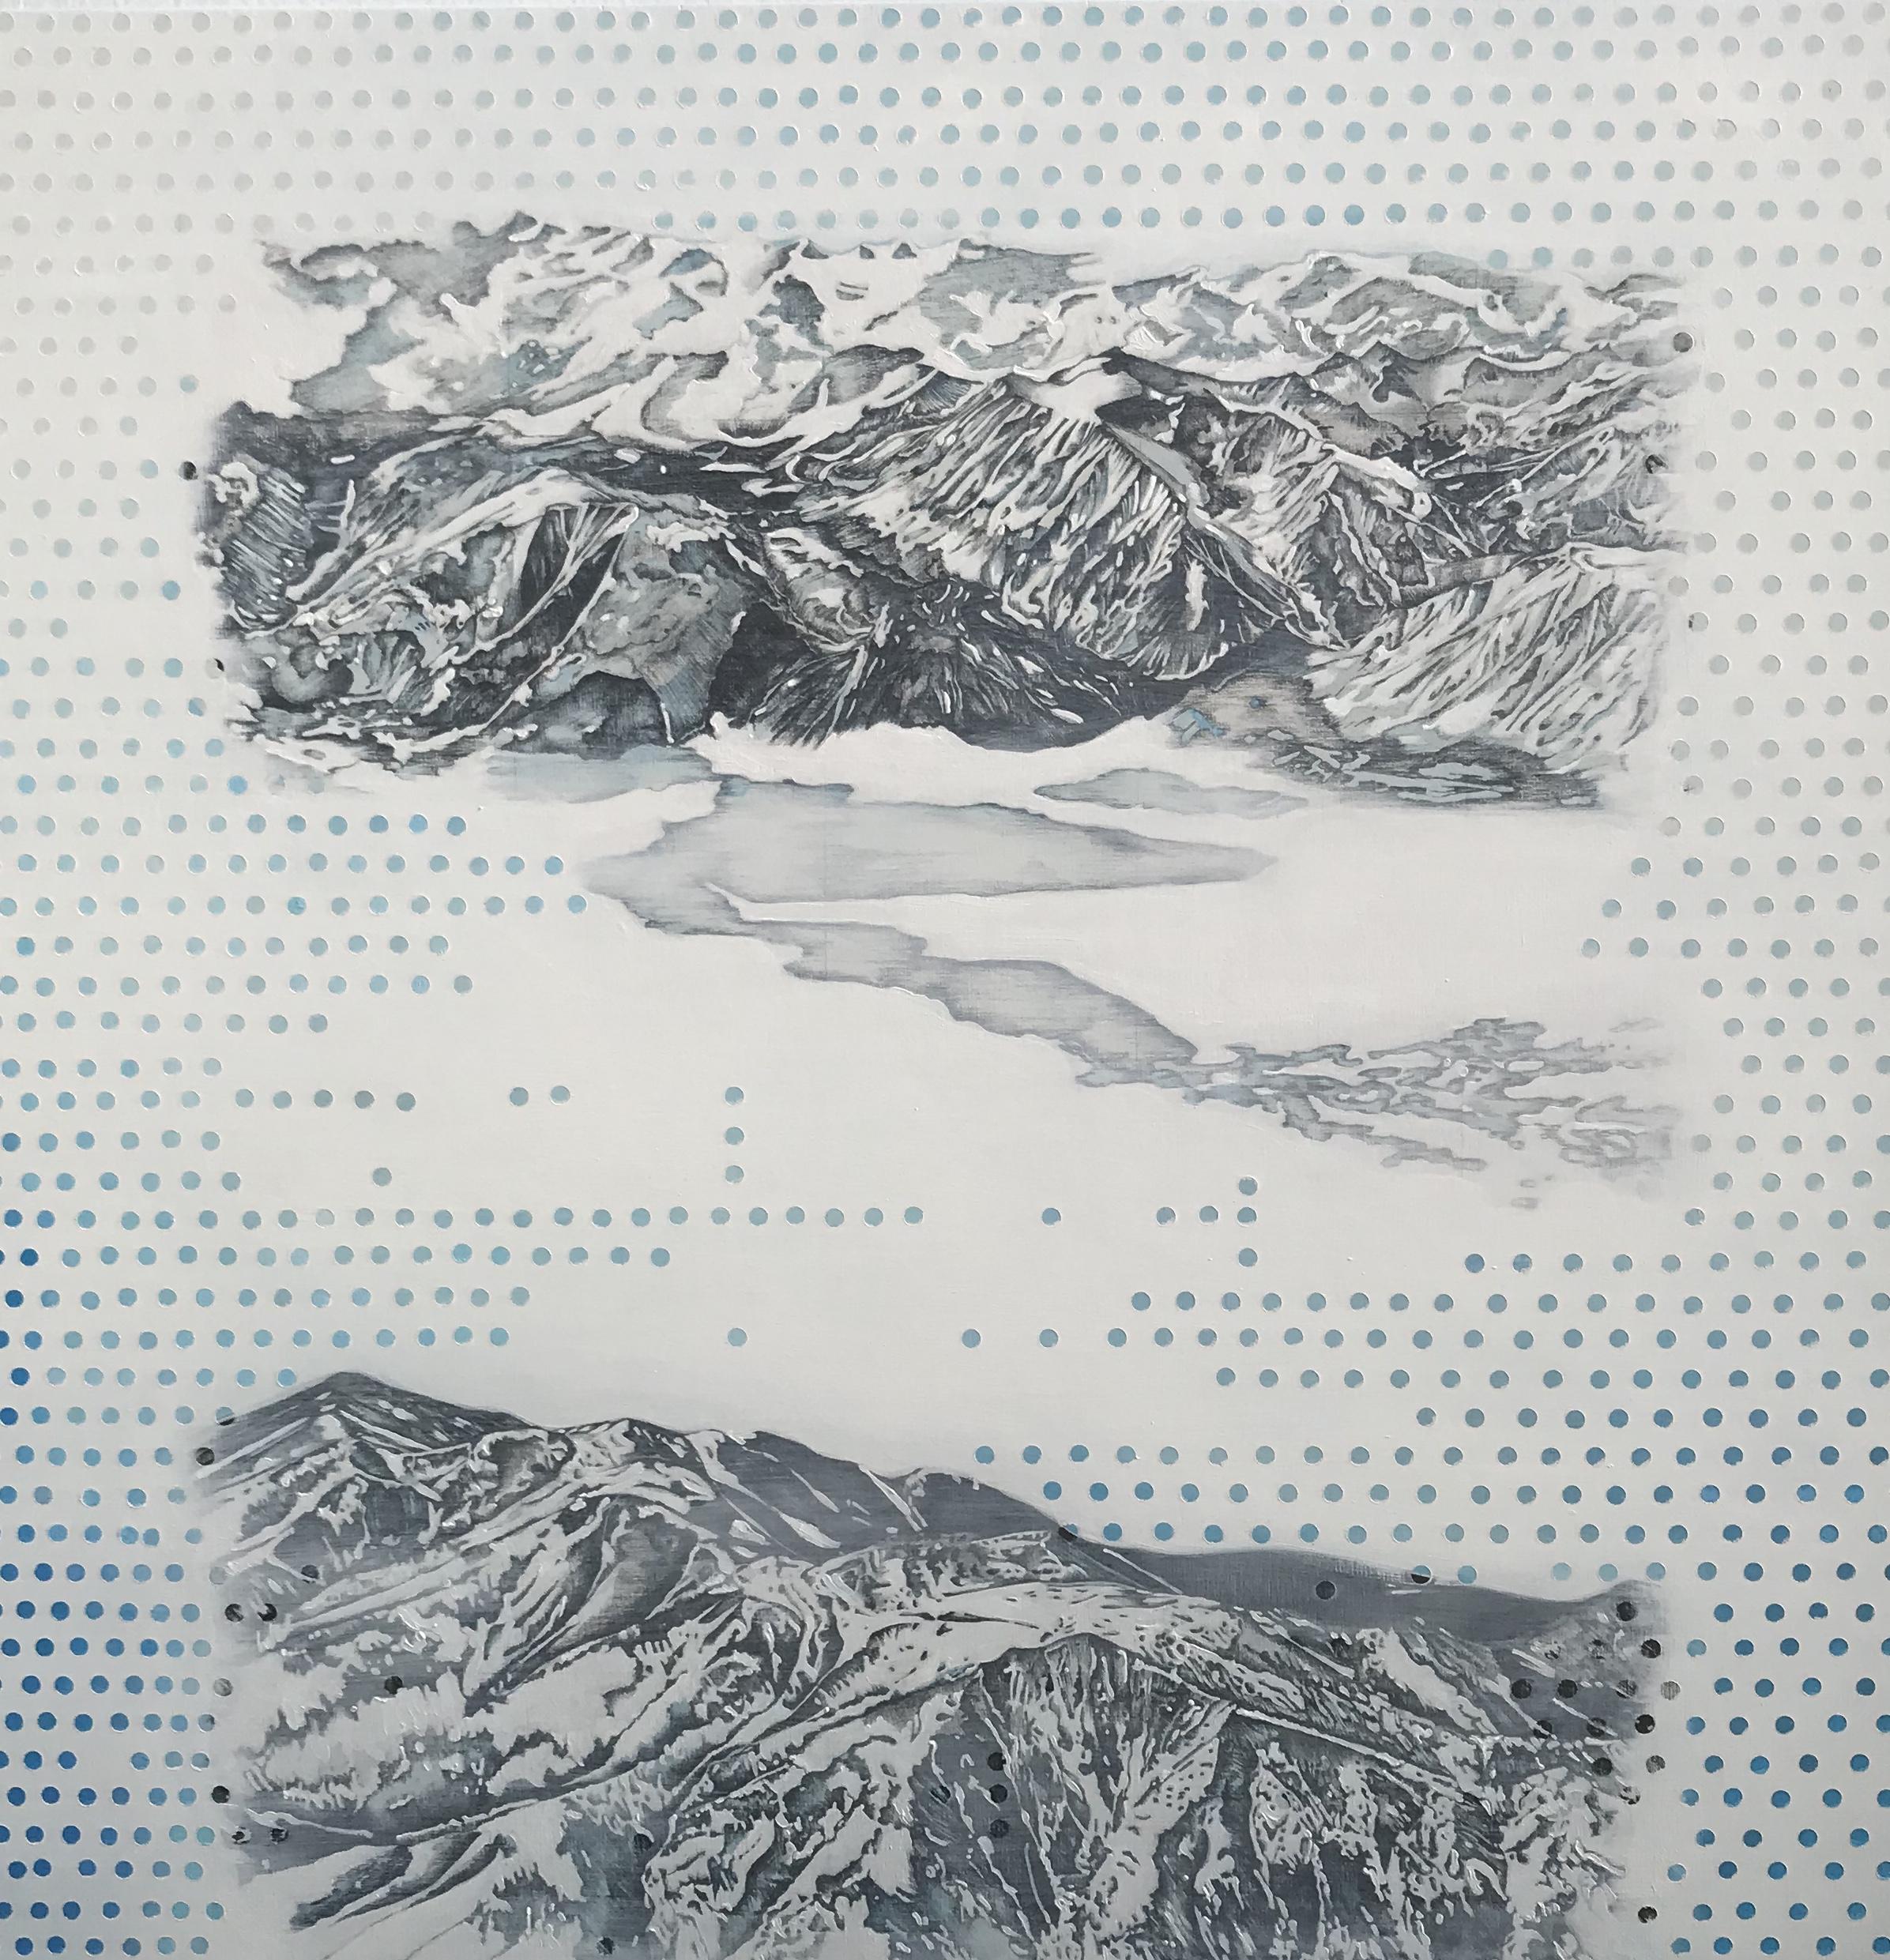 Polka Dot Mountain Range by Kiki Gaffney